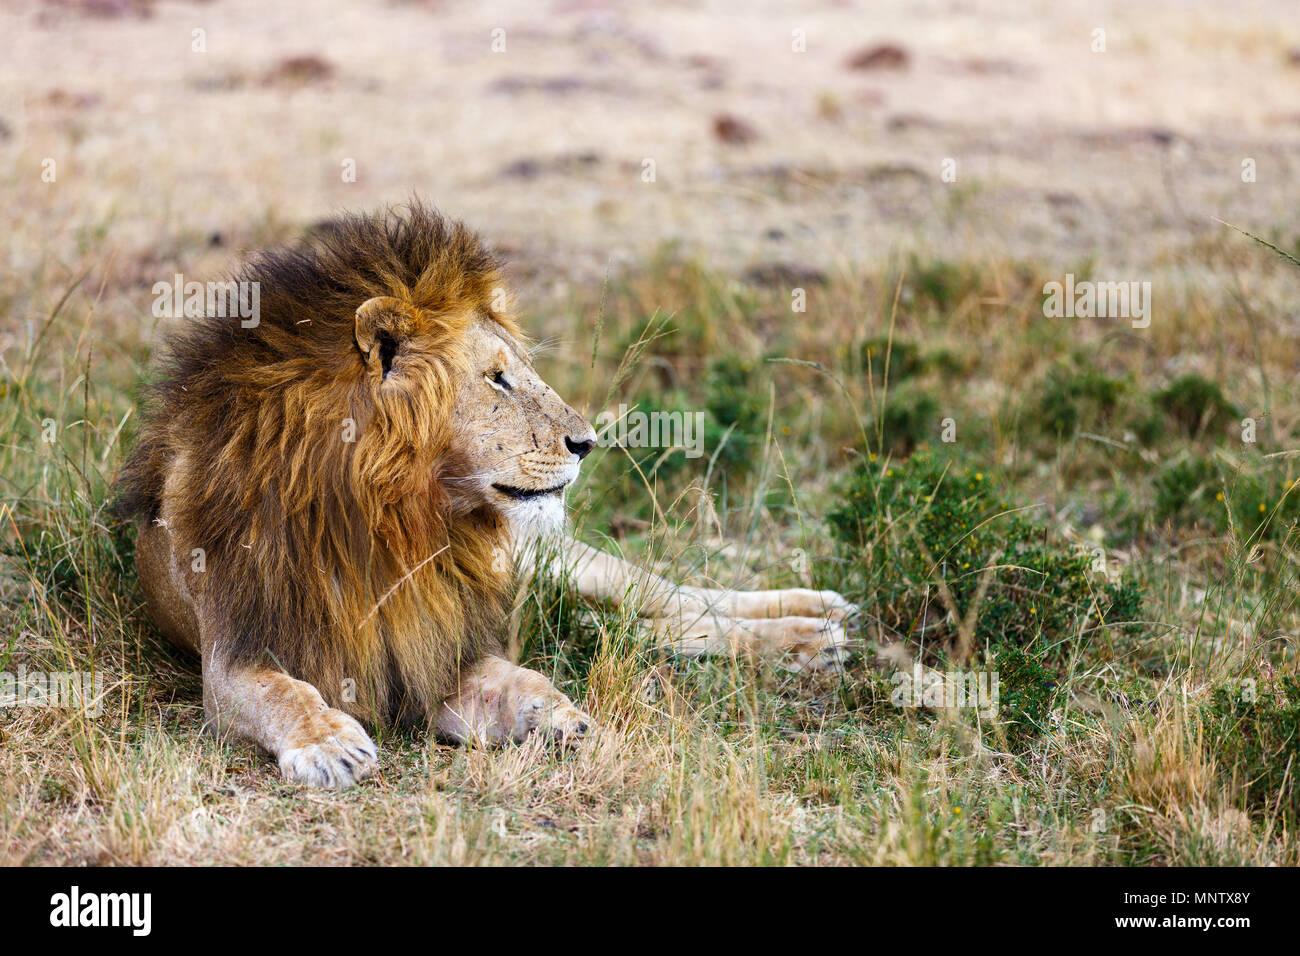 León macho tumbado en la hierba en la sabana de África Imagen De Stock